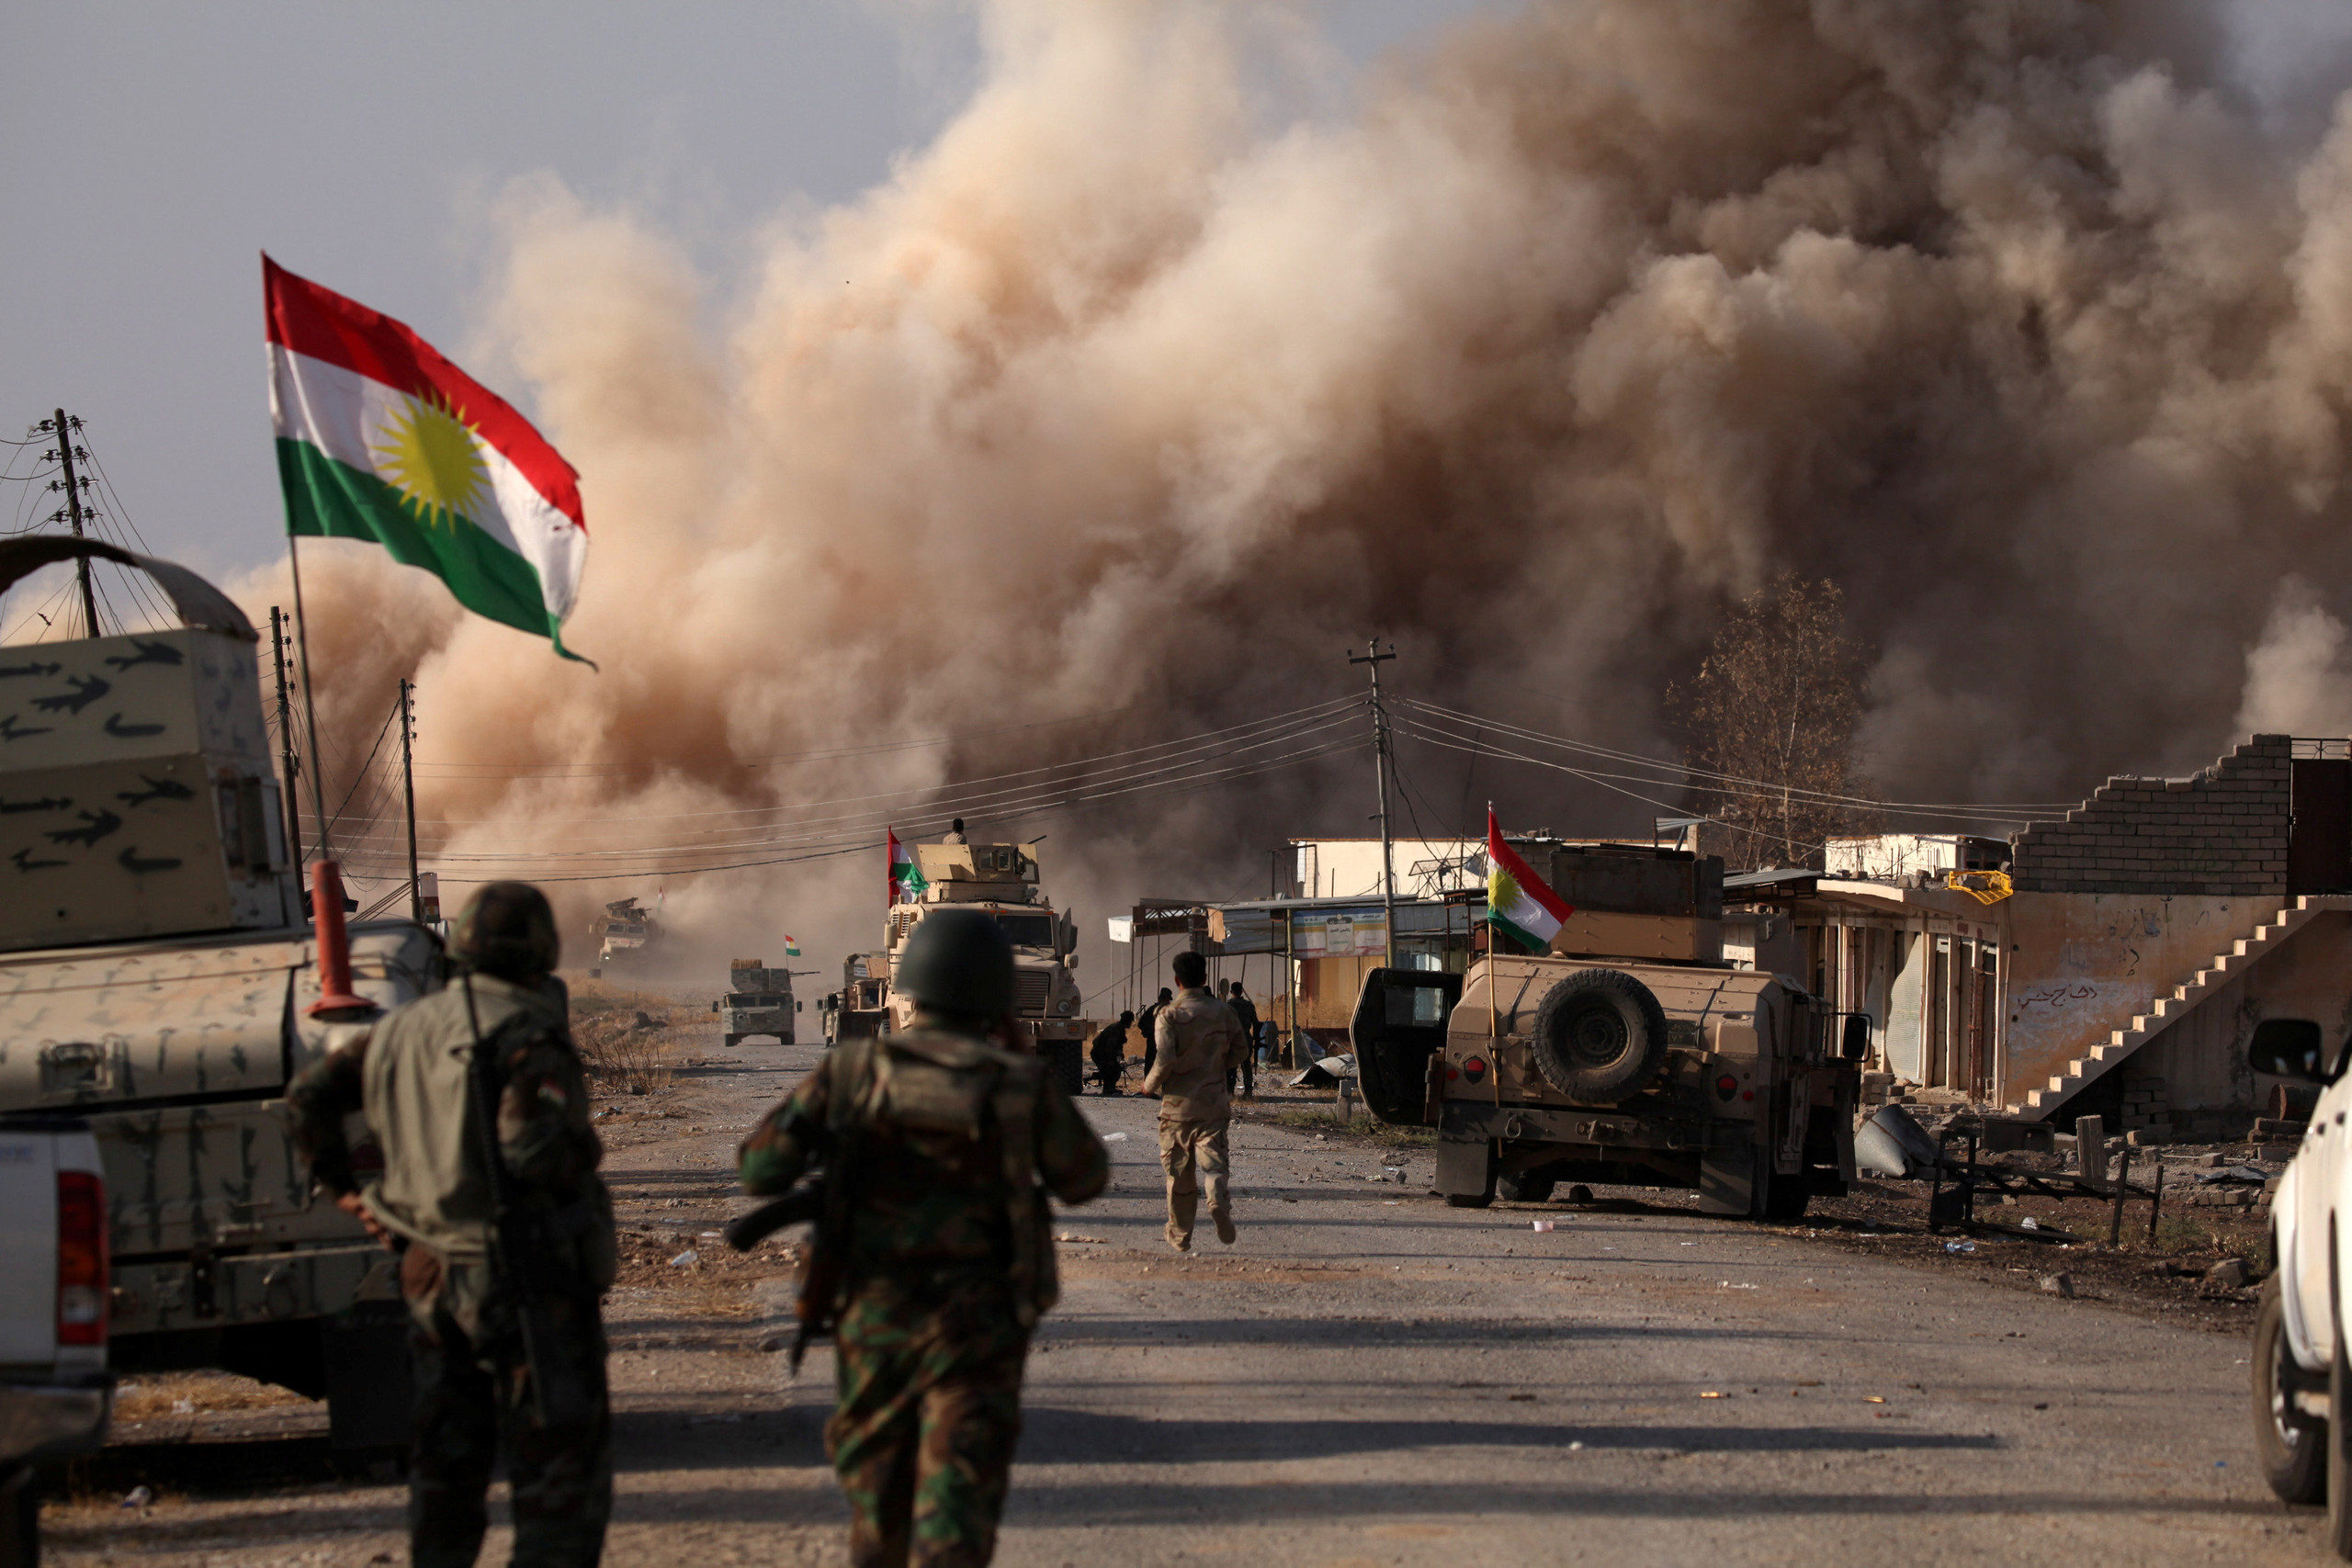 """Şehit ve Enfal Bakanlığı, Kürdistan Bölgesi topraklarının Peşmergelerin kanıyla IŞİD terörüne karşı korunduğunu, IŞİD ile mücadelede bin 755 Peşmerge'nin şehit, 10 bin Peşmerge'nin ise bu savaşta yaralandığını açıkladı. BasNews'e konuşan Kürdistan Bölgesi Şehit ve Enfal Bakan Yardımcısı Berîvan Hemdî, IŞİD terörü ile yürütülen mücadelede bin 755 Peşmerge'nin şehit olduğunu, 10 bin Peşmerge'nin de yaralandığını belirterek, """"Kürdistan topraklarının Peşmerge'nin kanı sayesinde korundu"""" dedi. IŞİD'e karşı mücadelede Koalisyon Güçleri'nin Irak ve Peşmerge güçlerine destek verdiğini başka hiçbir gücün Irak ve Kürdistan Bölgesi topraklarında her iki güce destek vermediğini dile getiren Berîvan Hemdî, """"Eğer Peşmerge Güçleri'nin azmi ve iradesi olmasaydı bgün Irak ve Kürdistan Bölgesi topraklarının büyük kısmı teröristlerce işgal edilmiş olacaktı"""" değerlendirmesinde bulundu Kürdistan Bölgesi Şehit ve Enfal Bakan Yardımcısı Berîvan Hemdî, Kürdistan'ın her ailesinin IŞİD savaşında en az bir Peşmergesi'nin şehit olduğunu belirterek, """"IŞİD efsanesine son veren Peşmerge Güçleri olmuştur"""" dedi."""